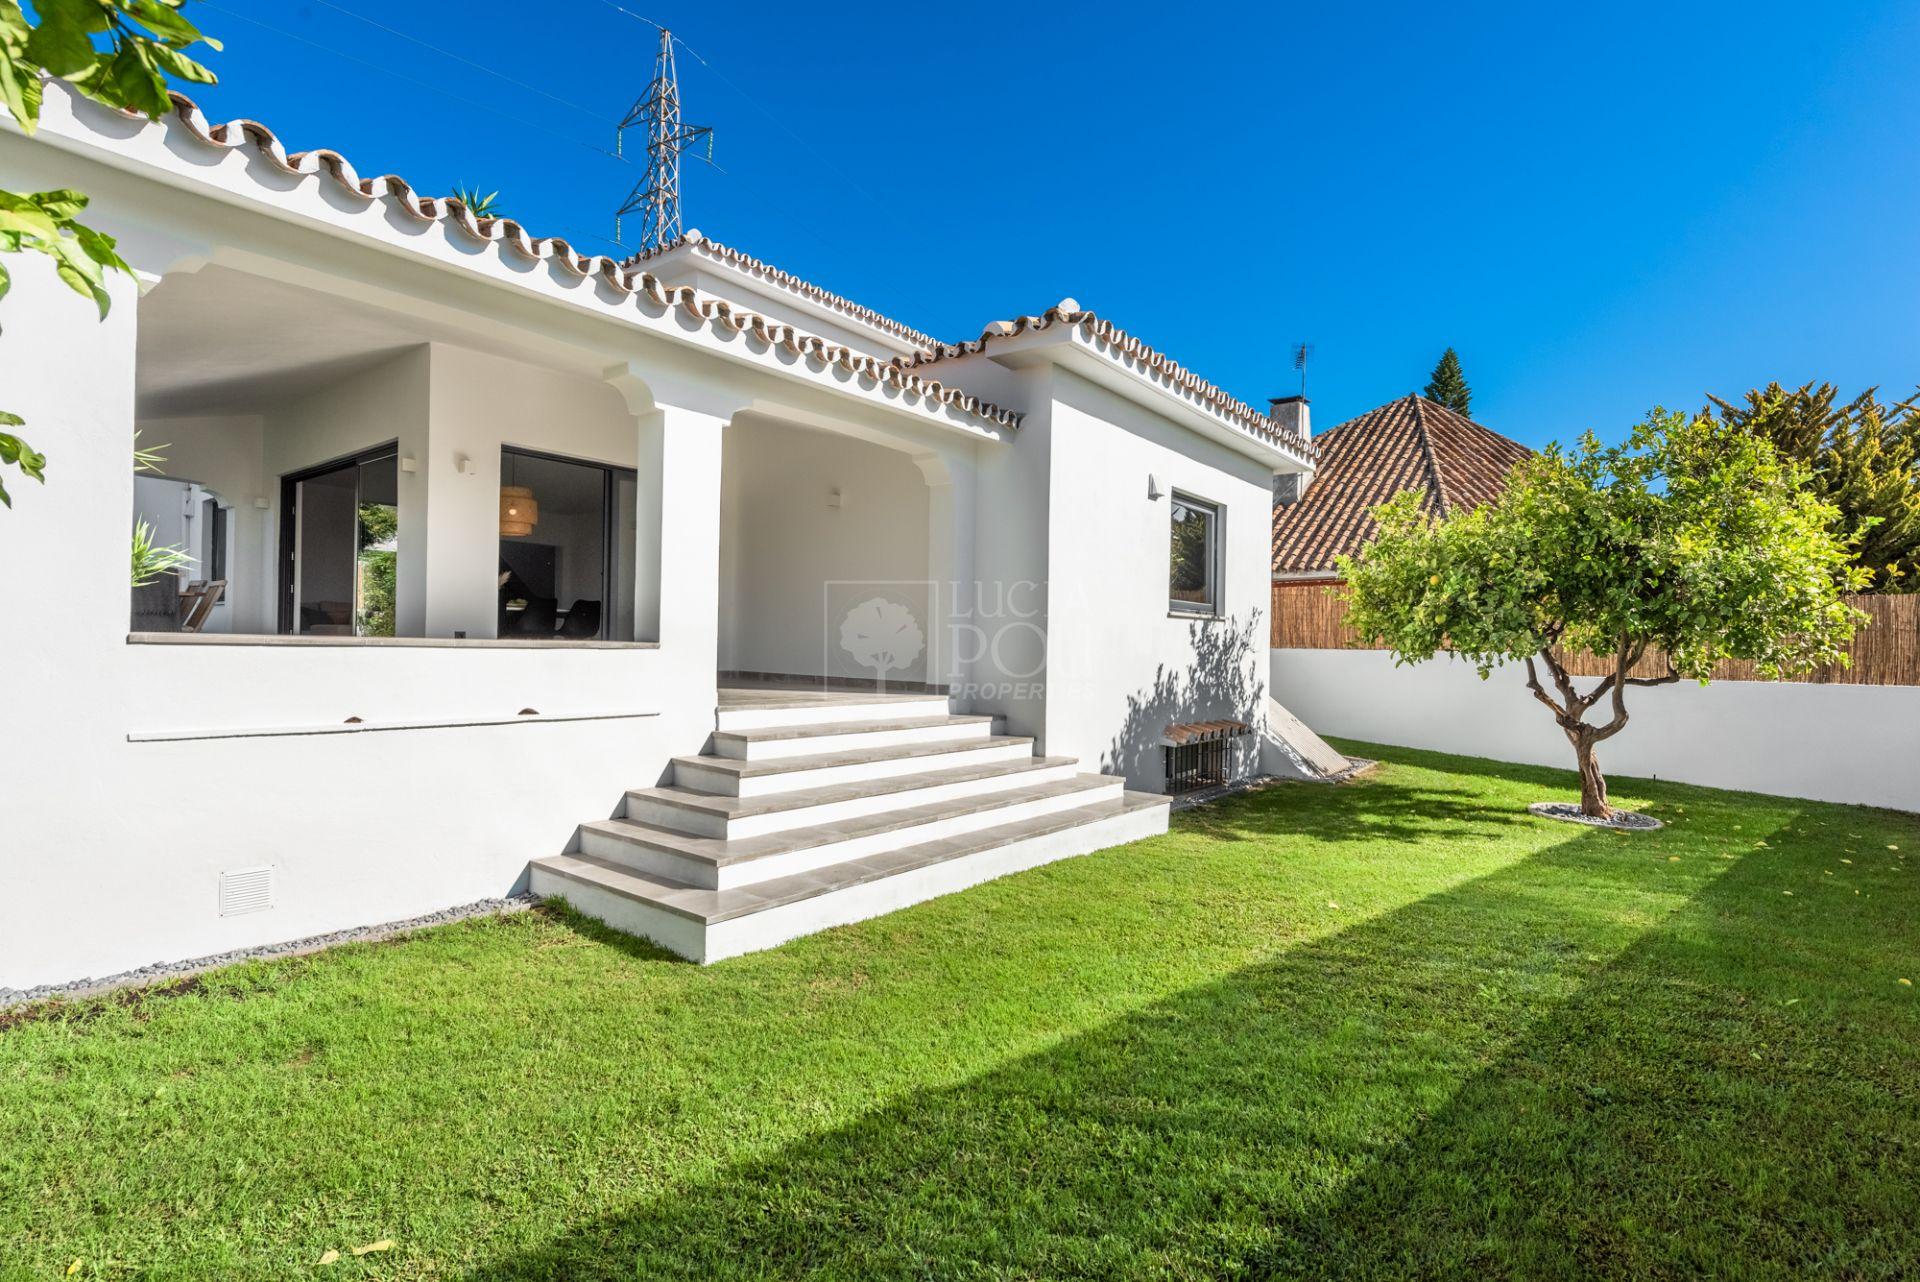 Villa en venta en Marbella, Marbella